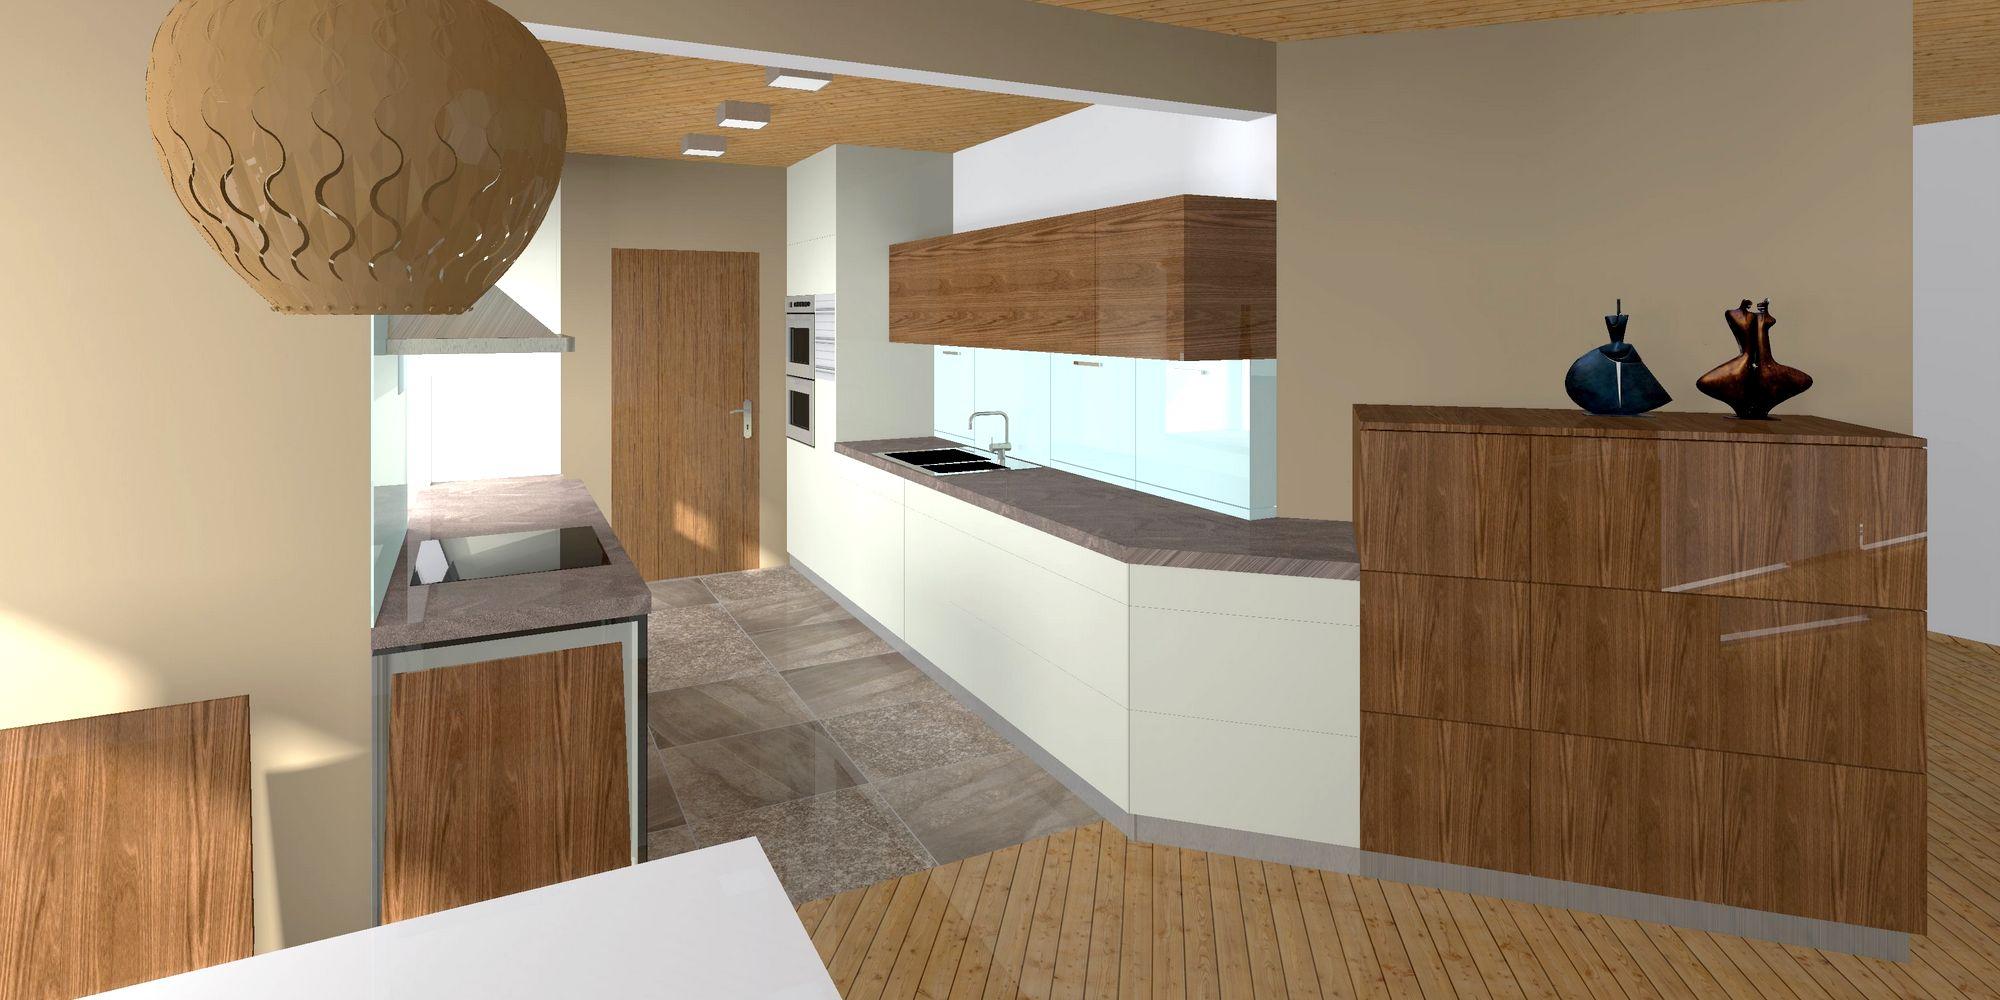 Rekonstrukce kuchyně - image